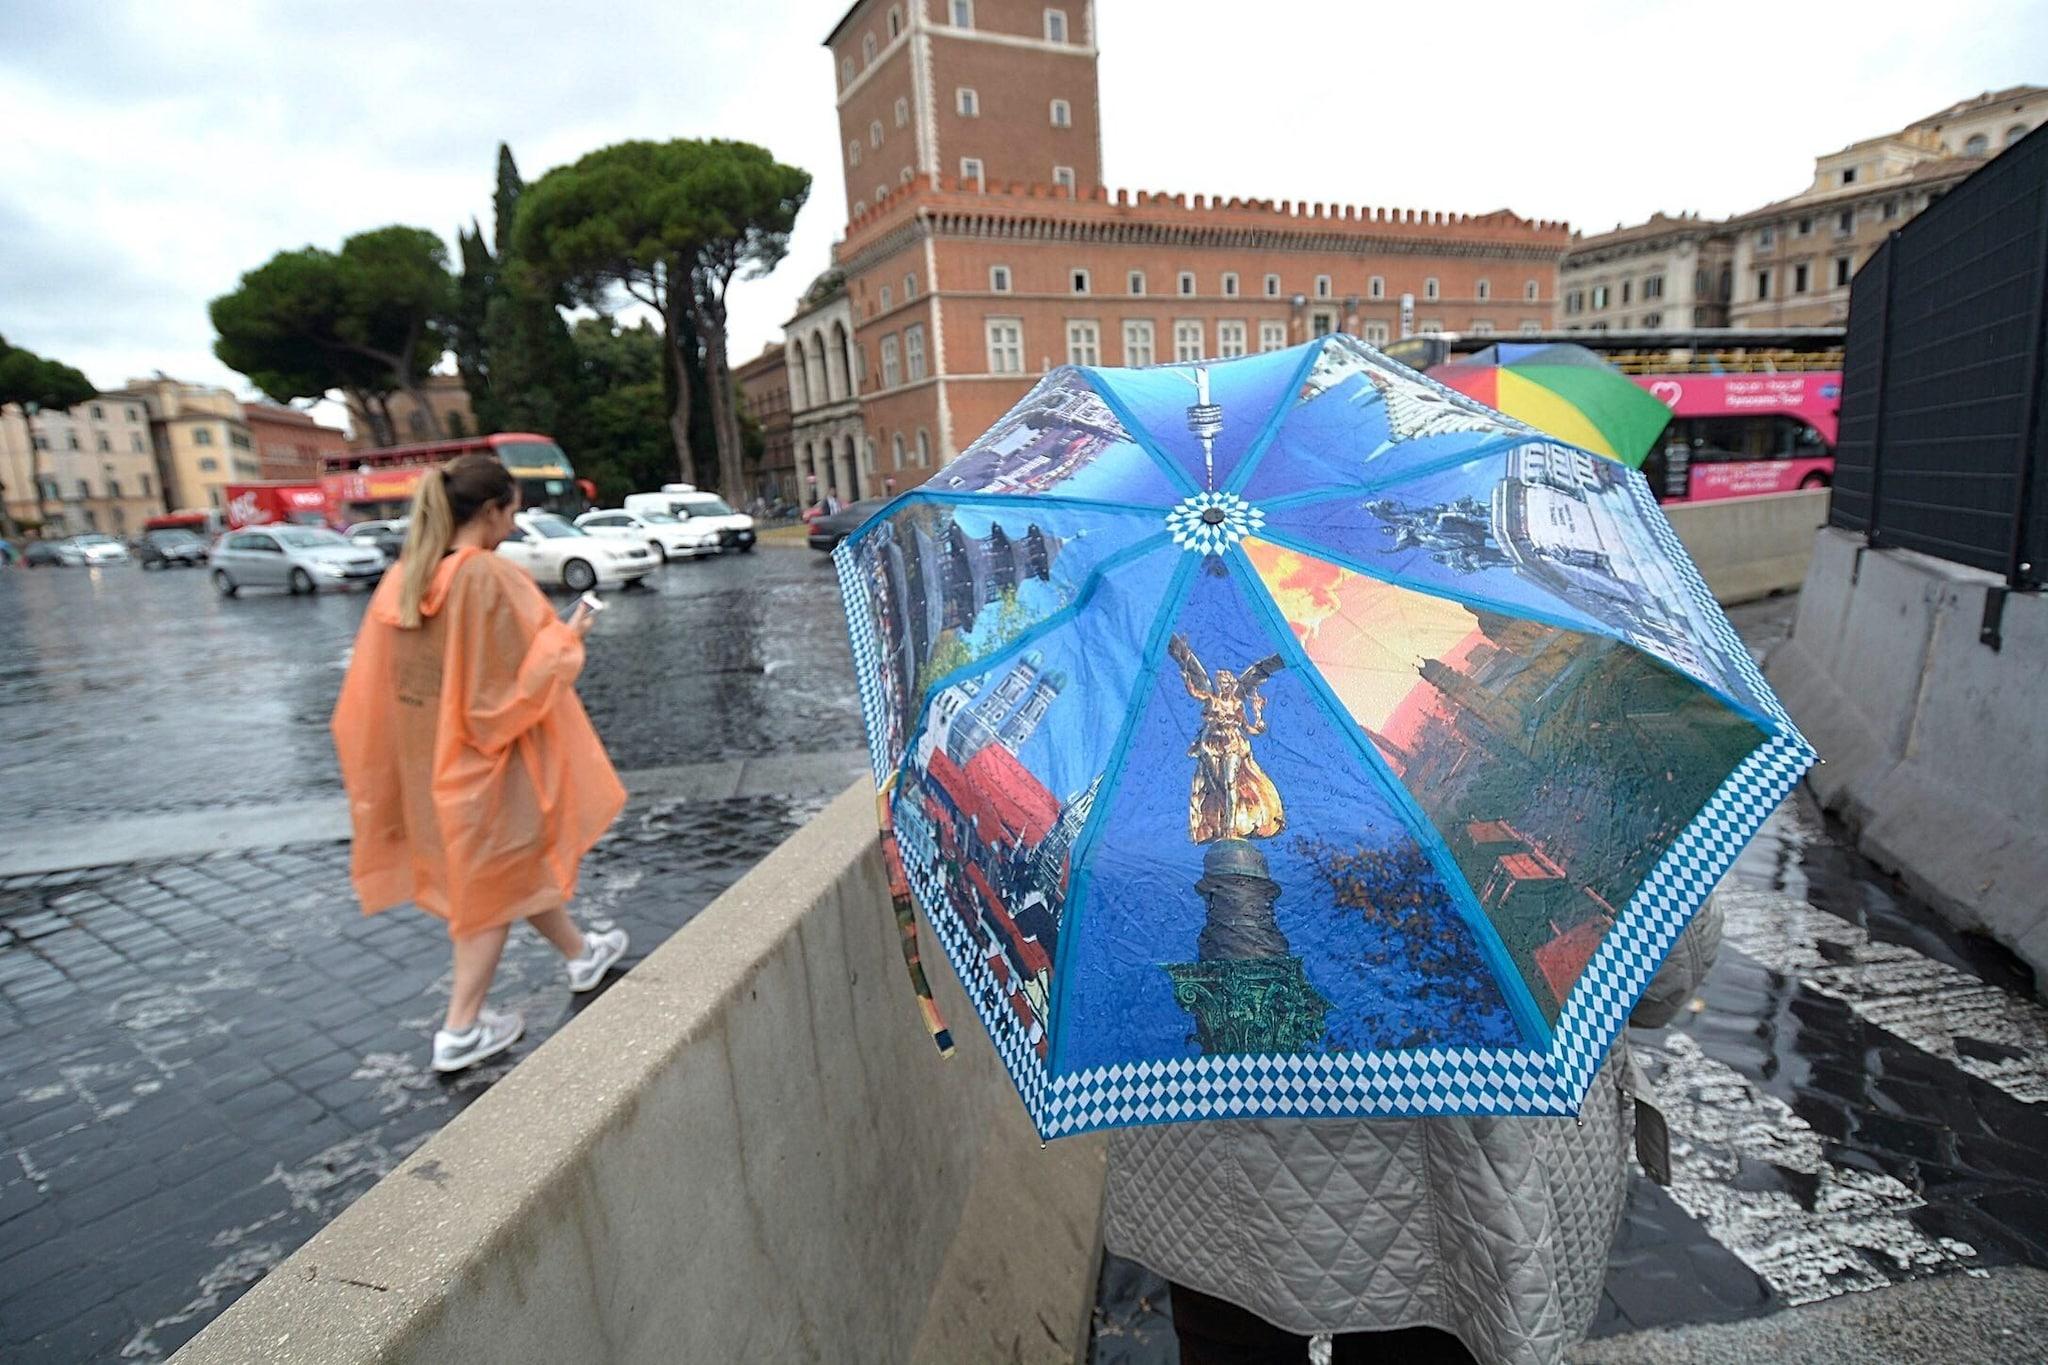 Previsioni meteo Roma 16 ottobre 2019: temporali in mattinata, poi torna il  sole